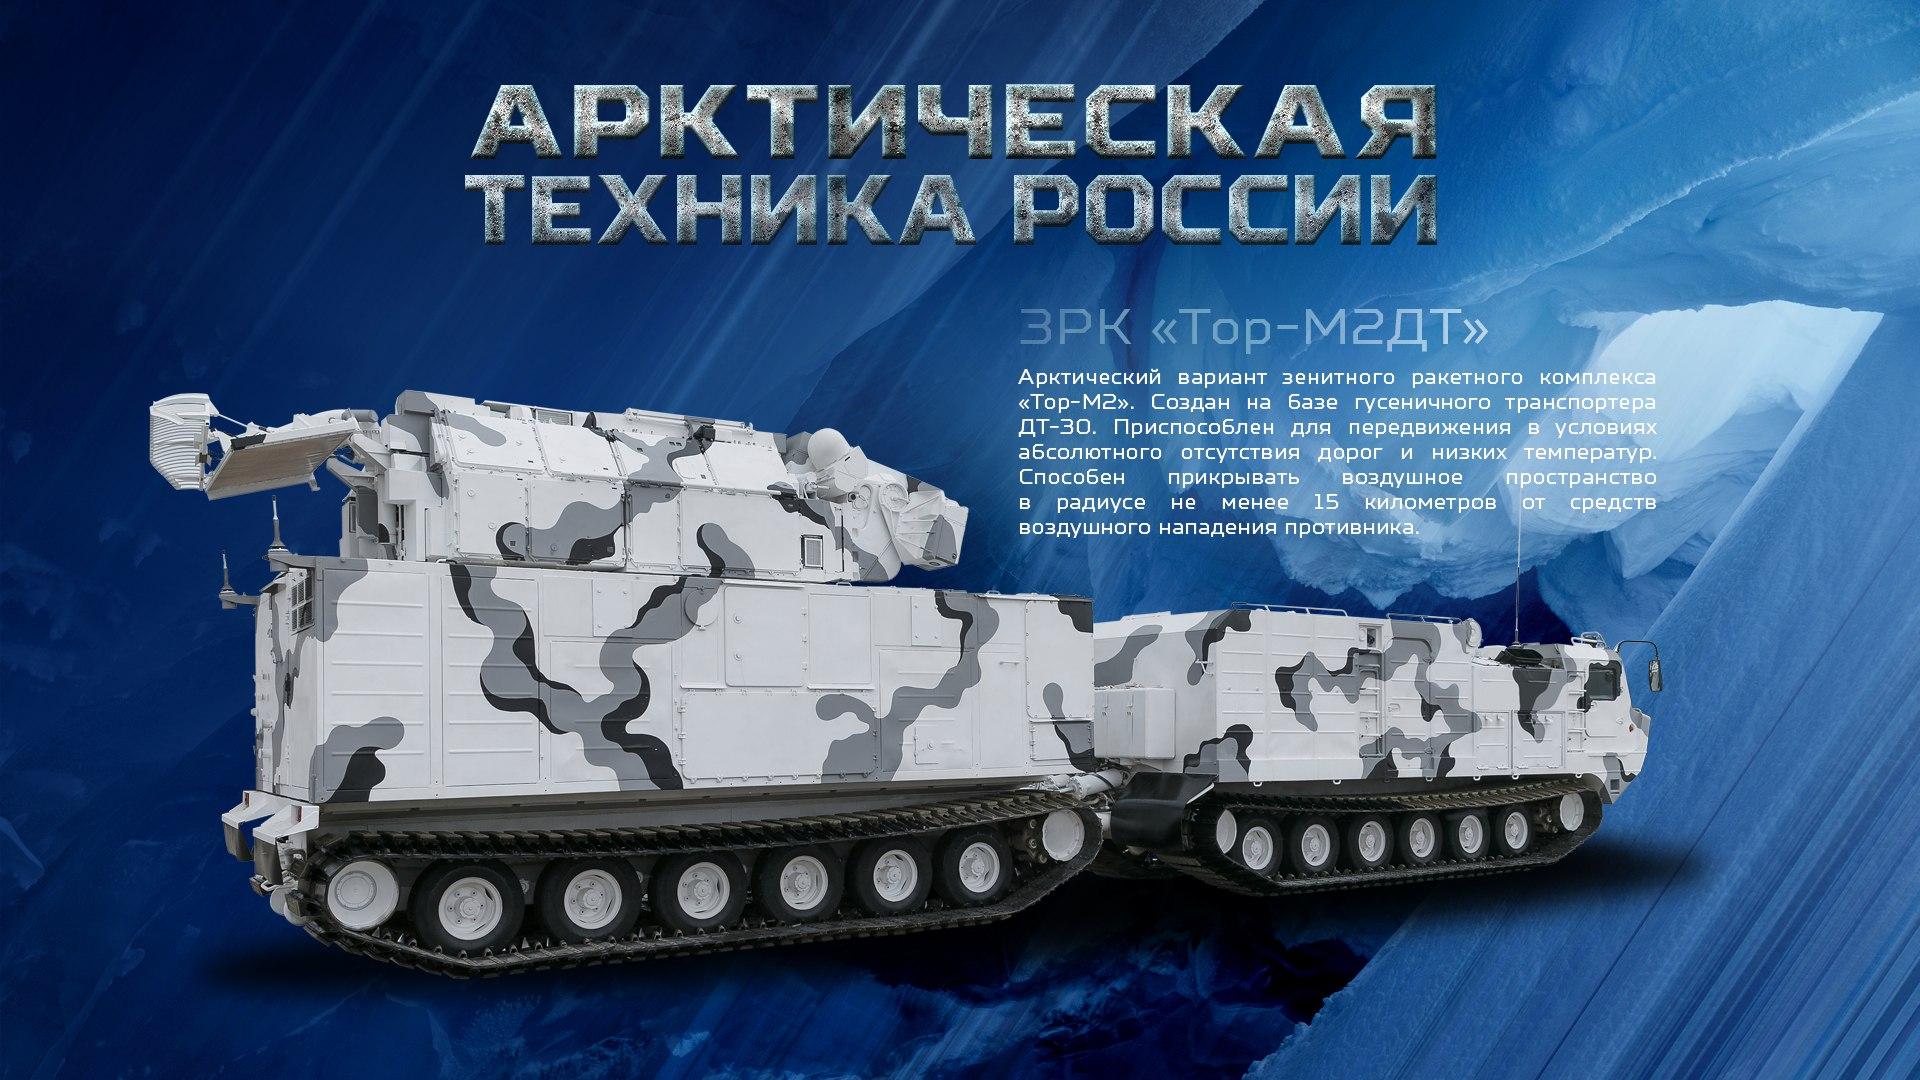 Orosz légi és kozmikus erők - Page 11 UbjJ2SdczgE